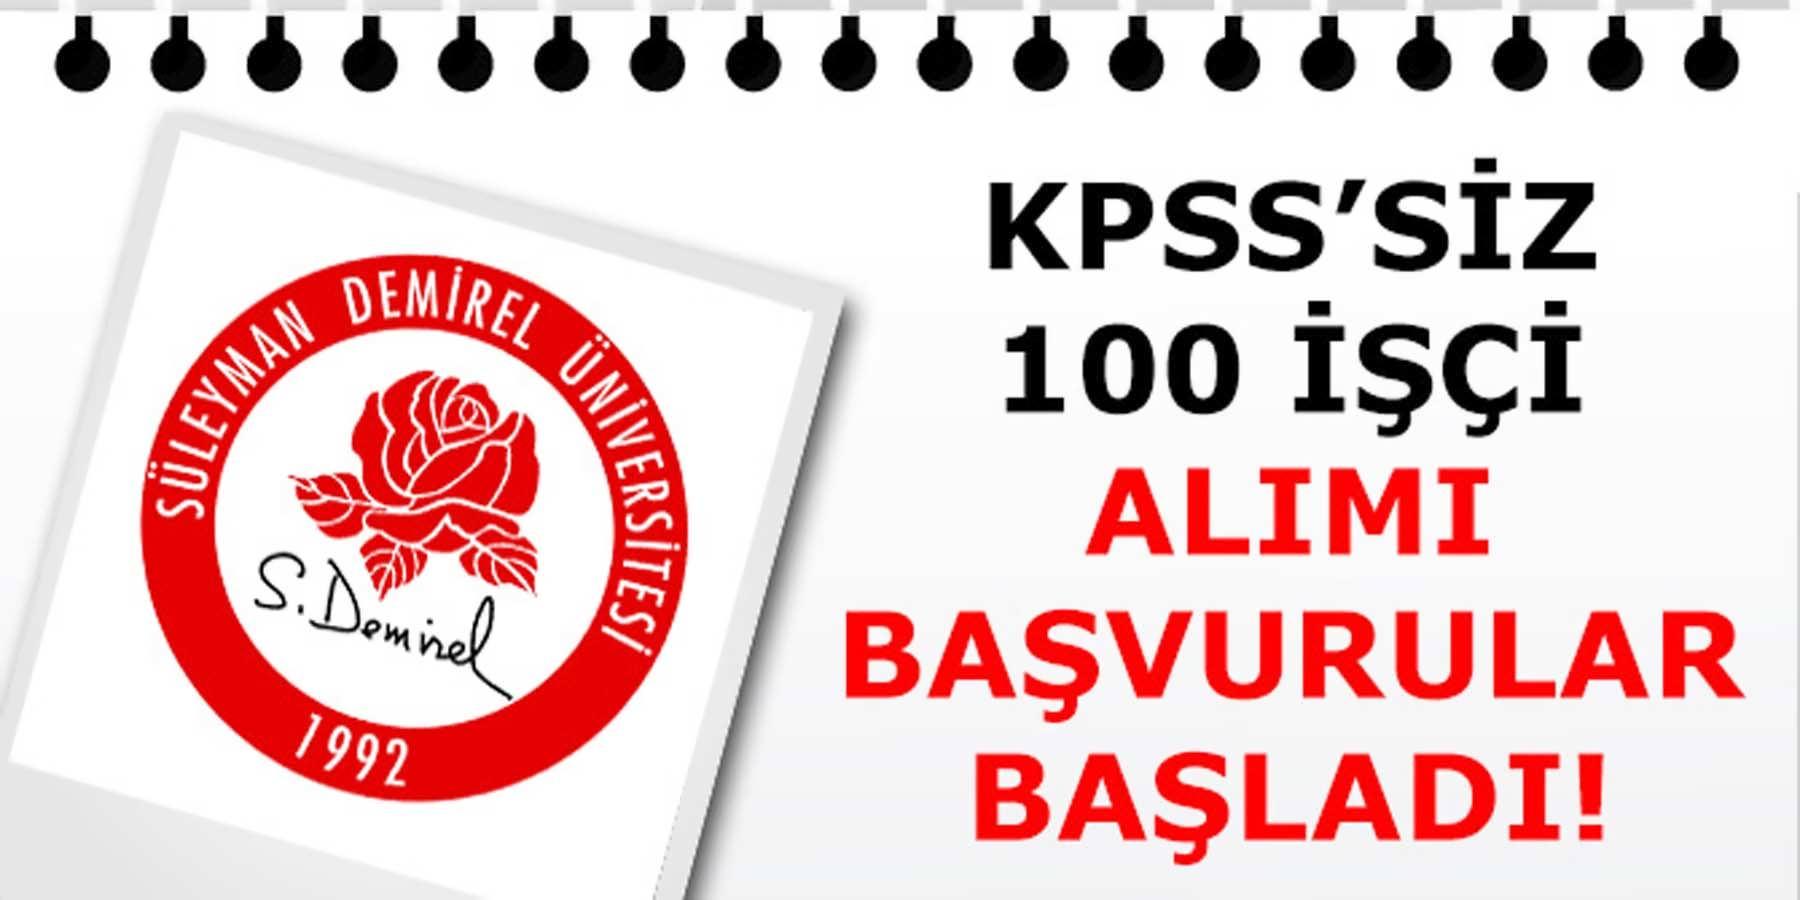 Süleyman Demirel Üniversitesi 100 Geçici İşçi Alımı Başvuruları Başladı